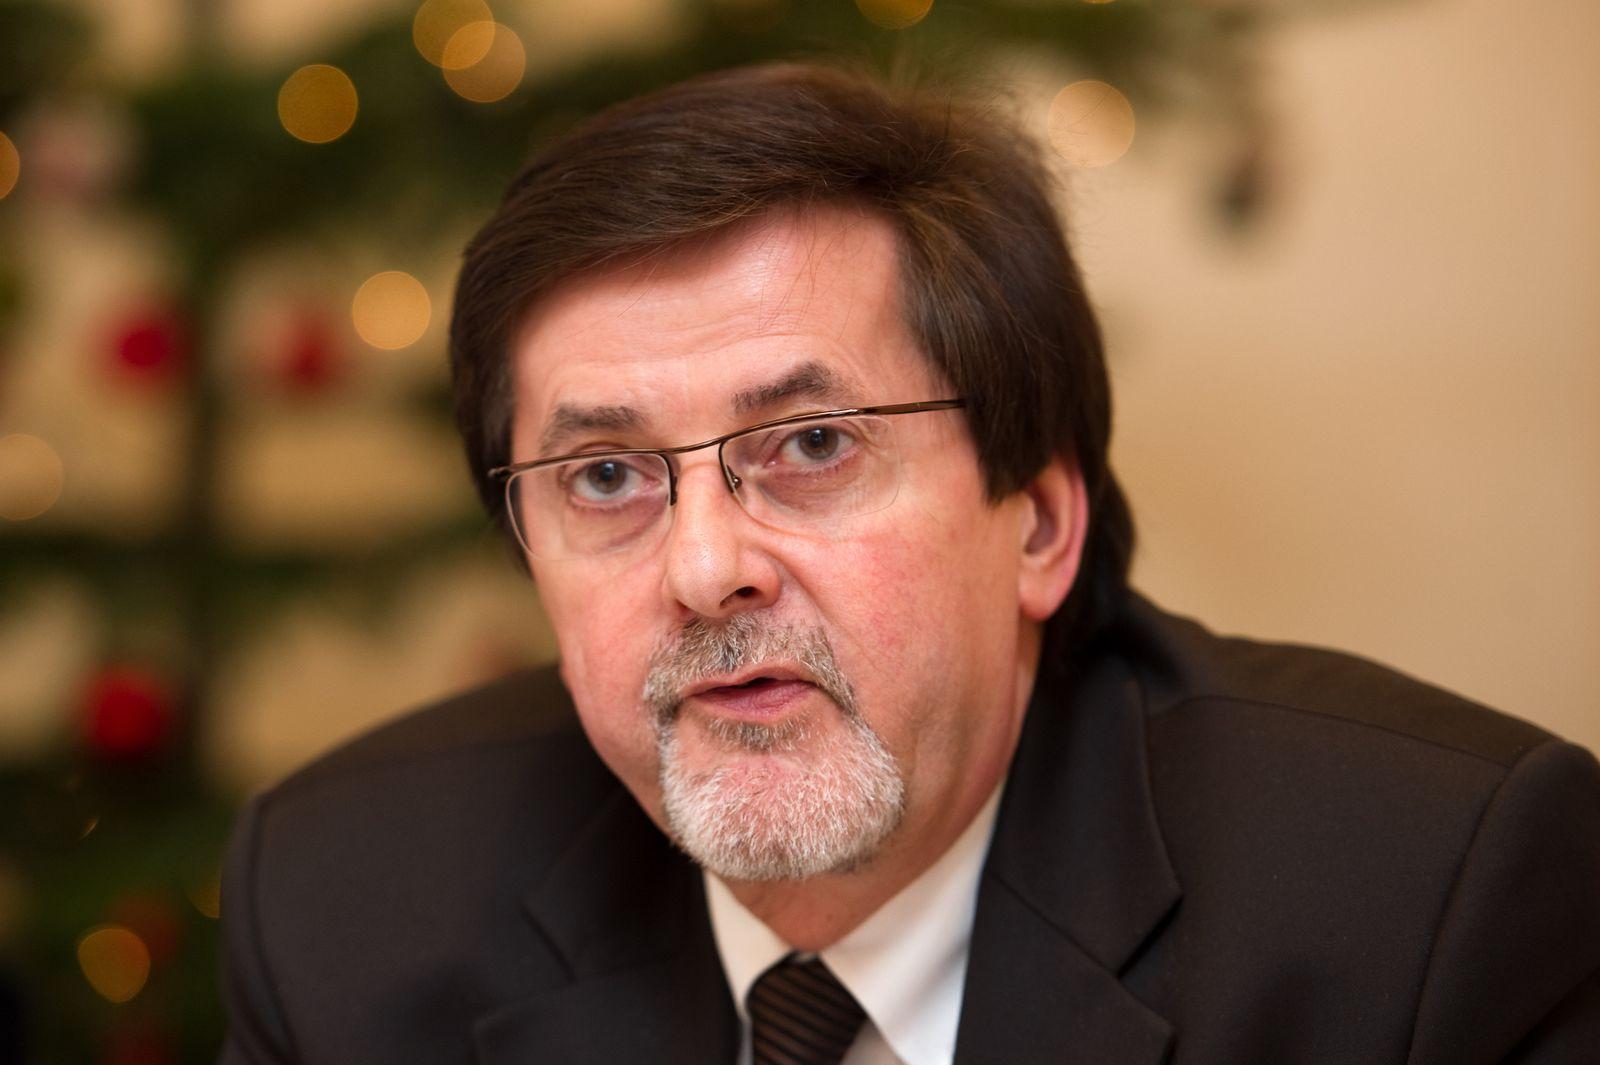 Udo Foht